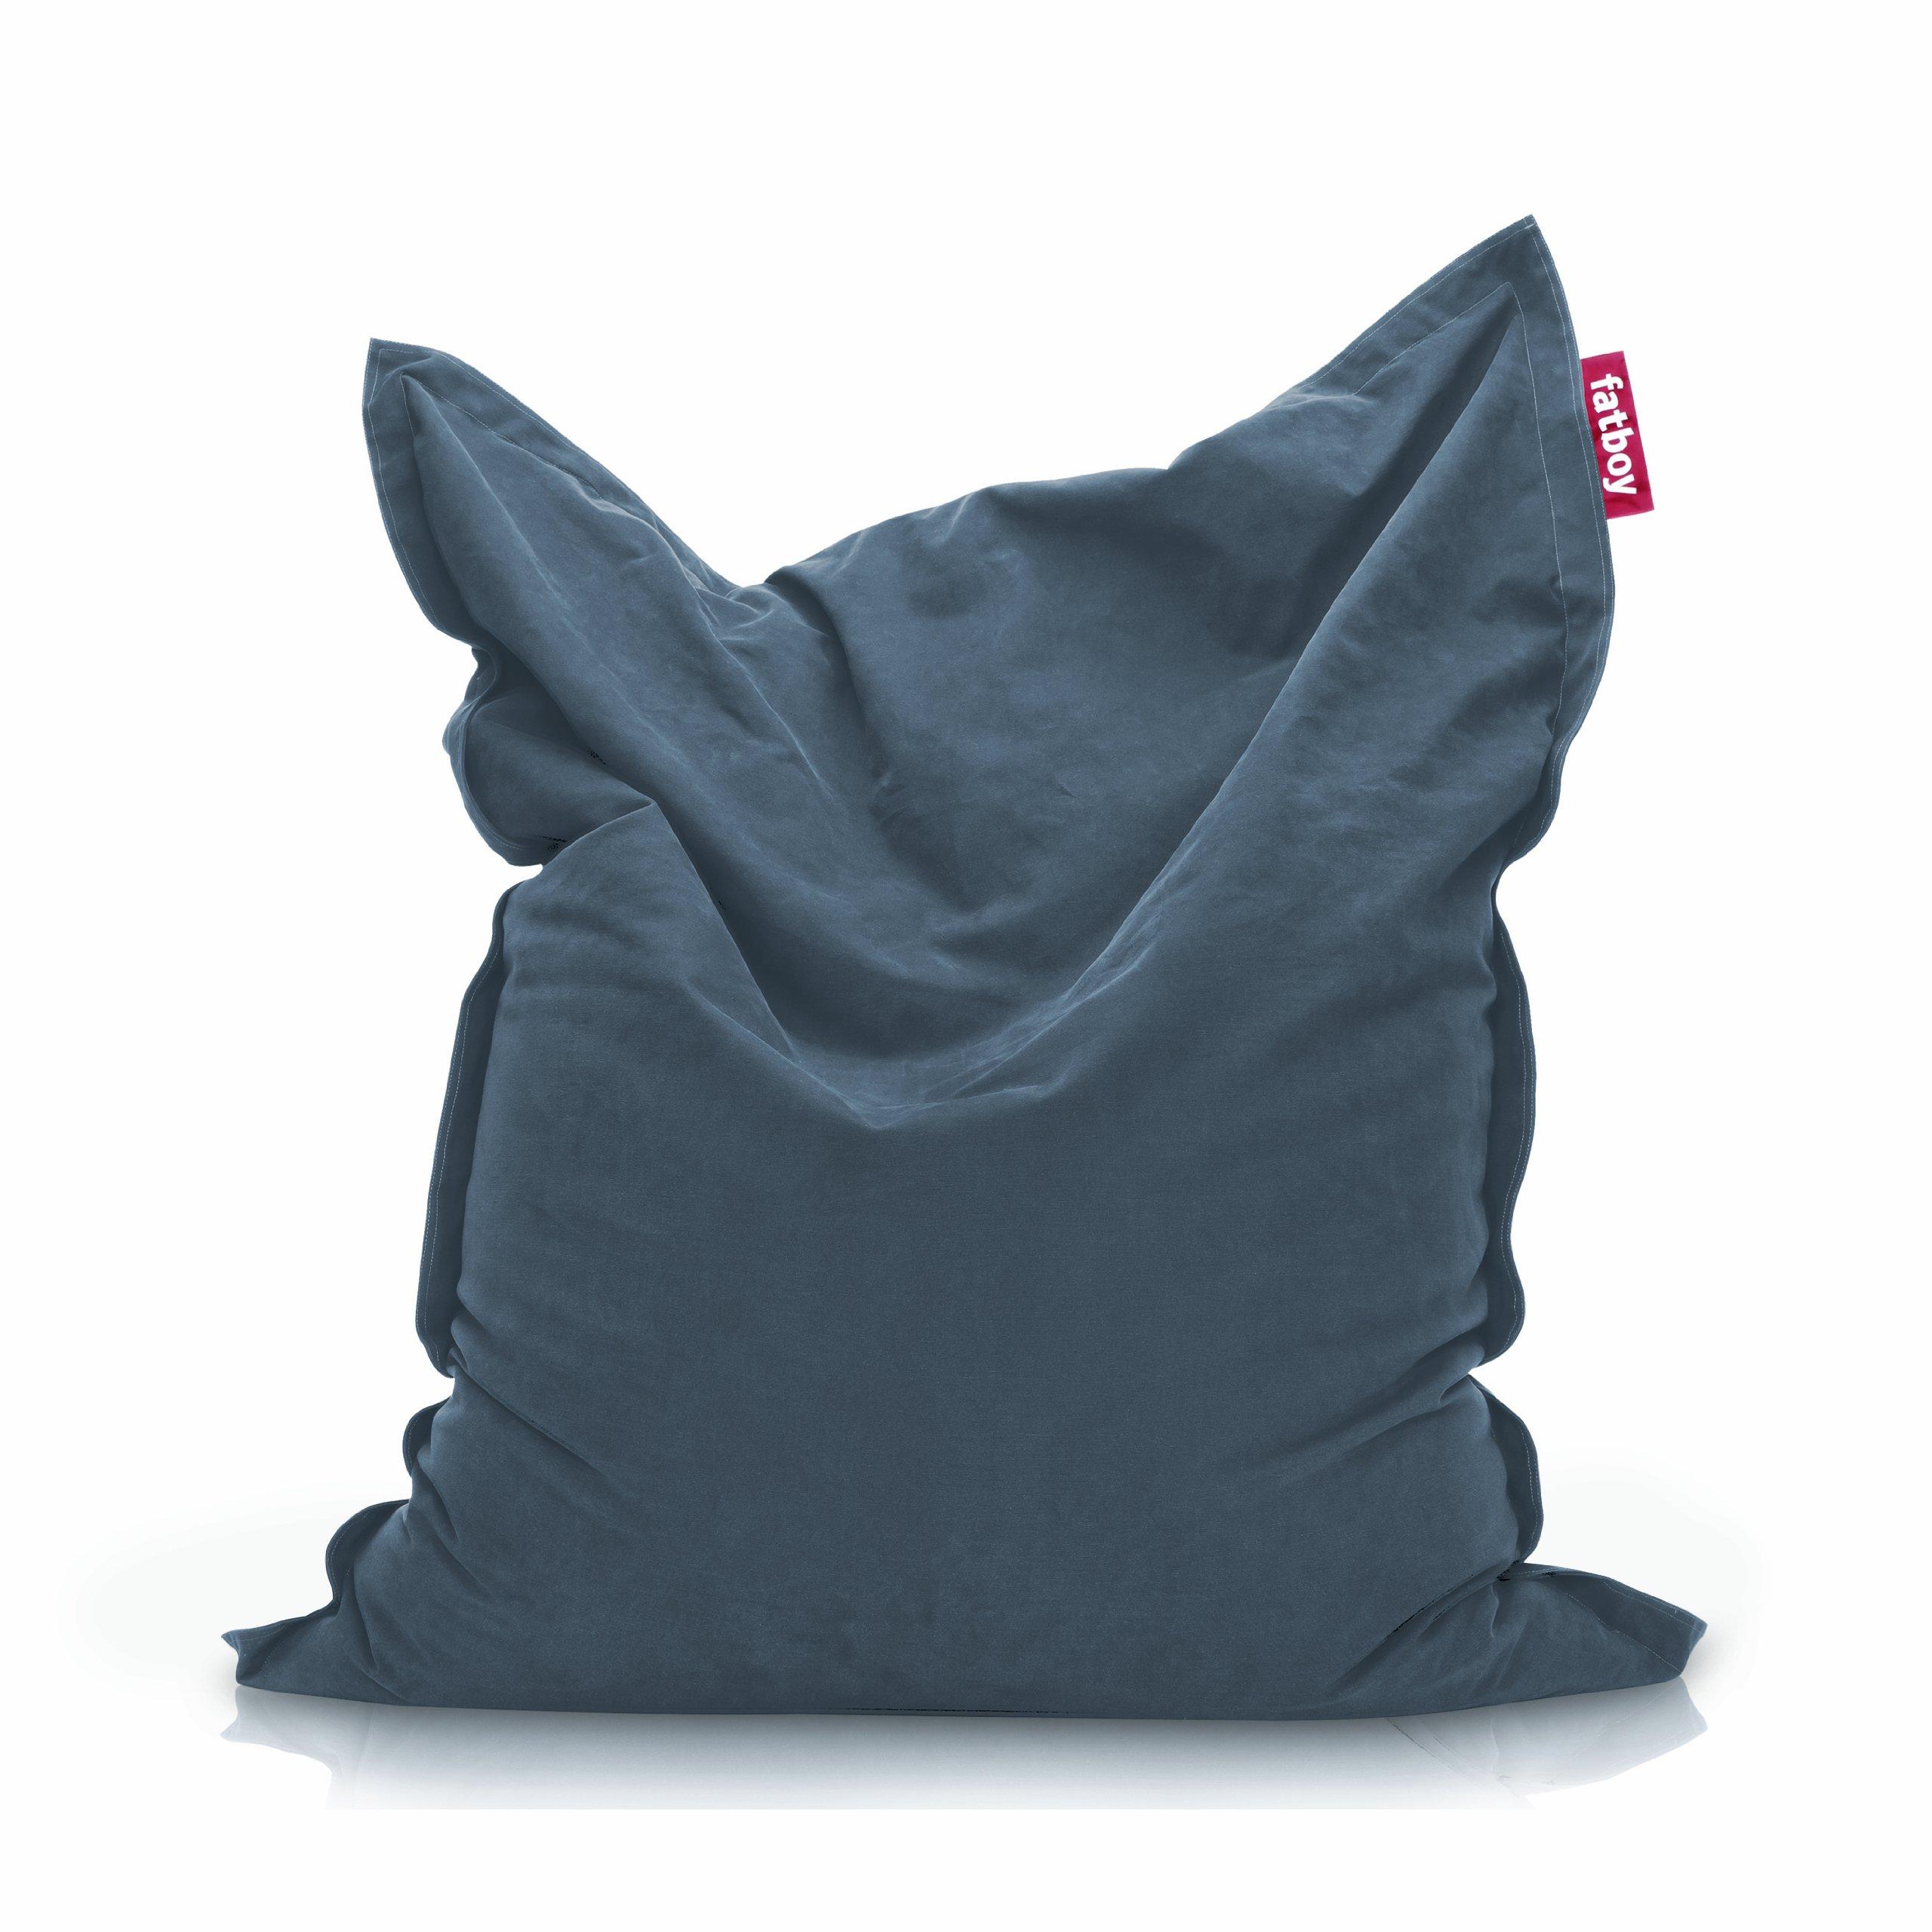 Fatboy The Original Stonewashed Bean Bag, Blue